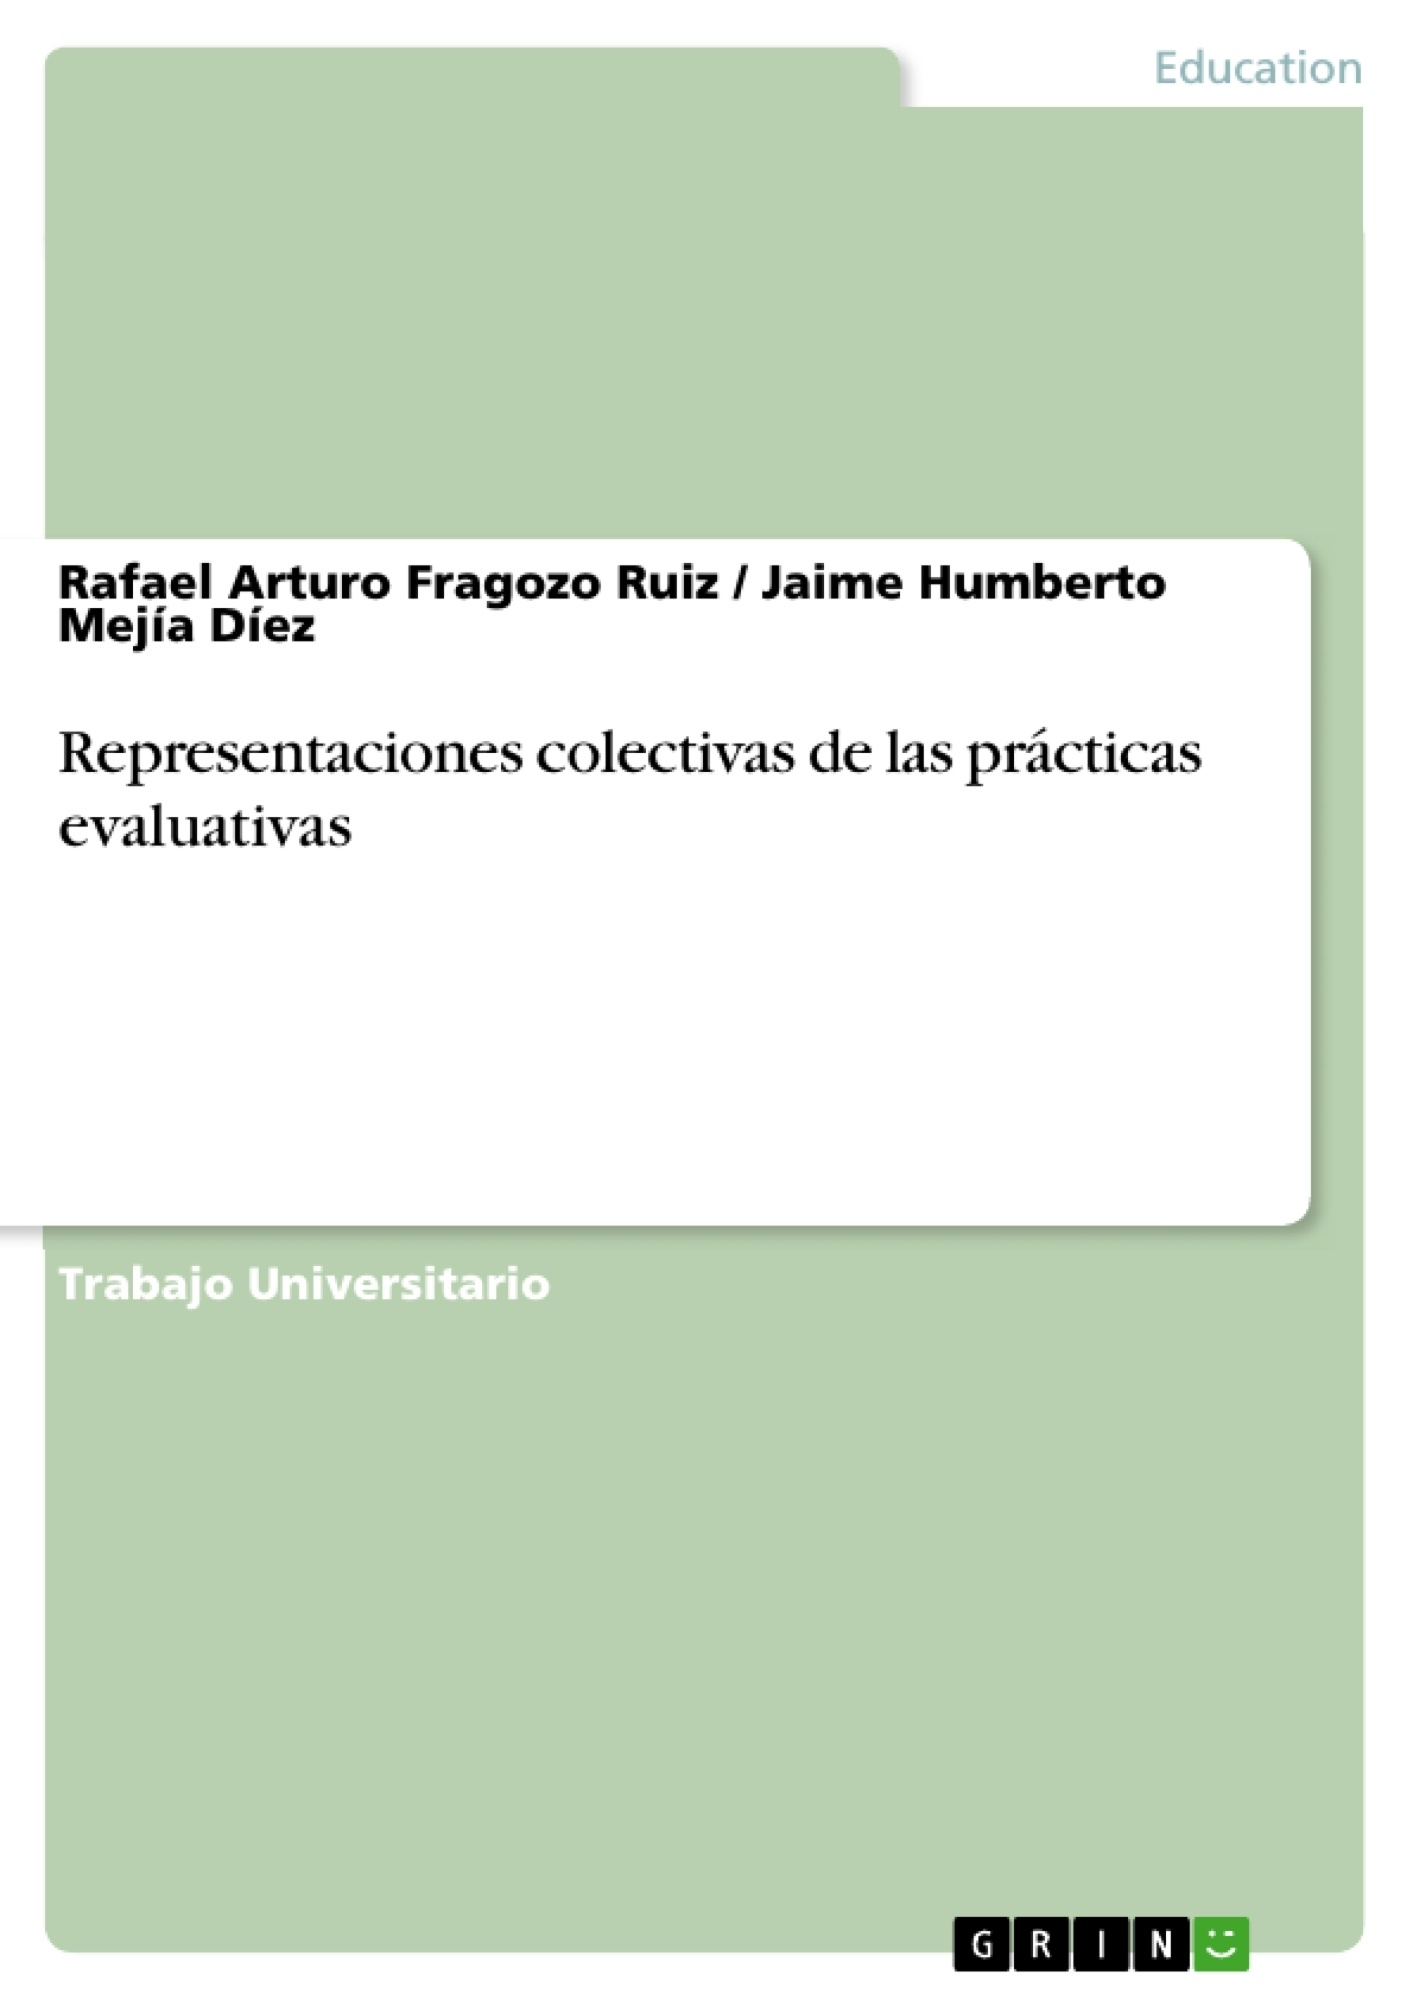 Título: Representaciones colectivas de las prácticas evaluativas